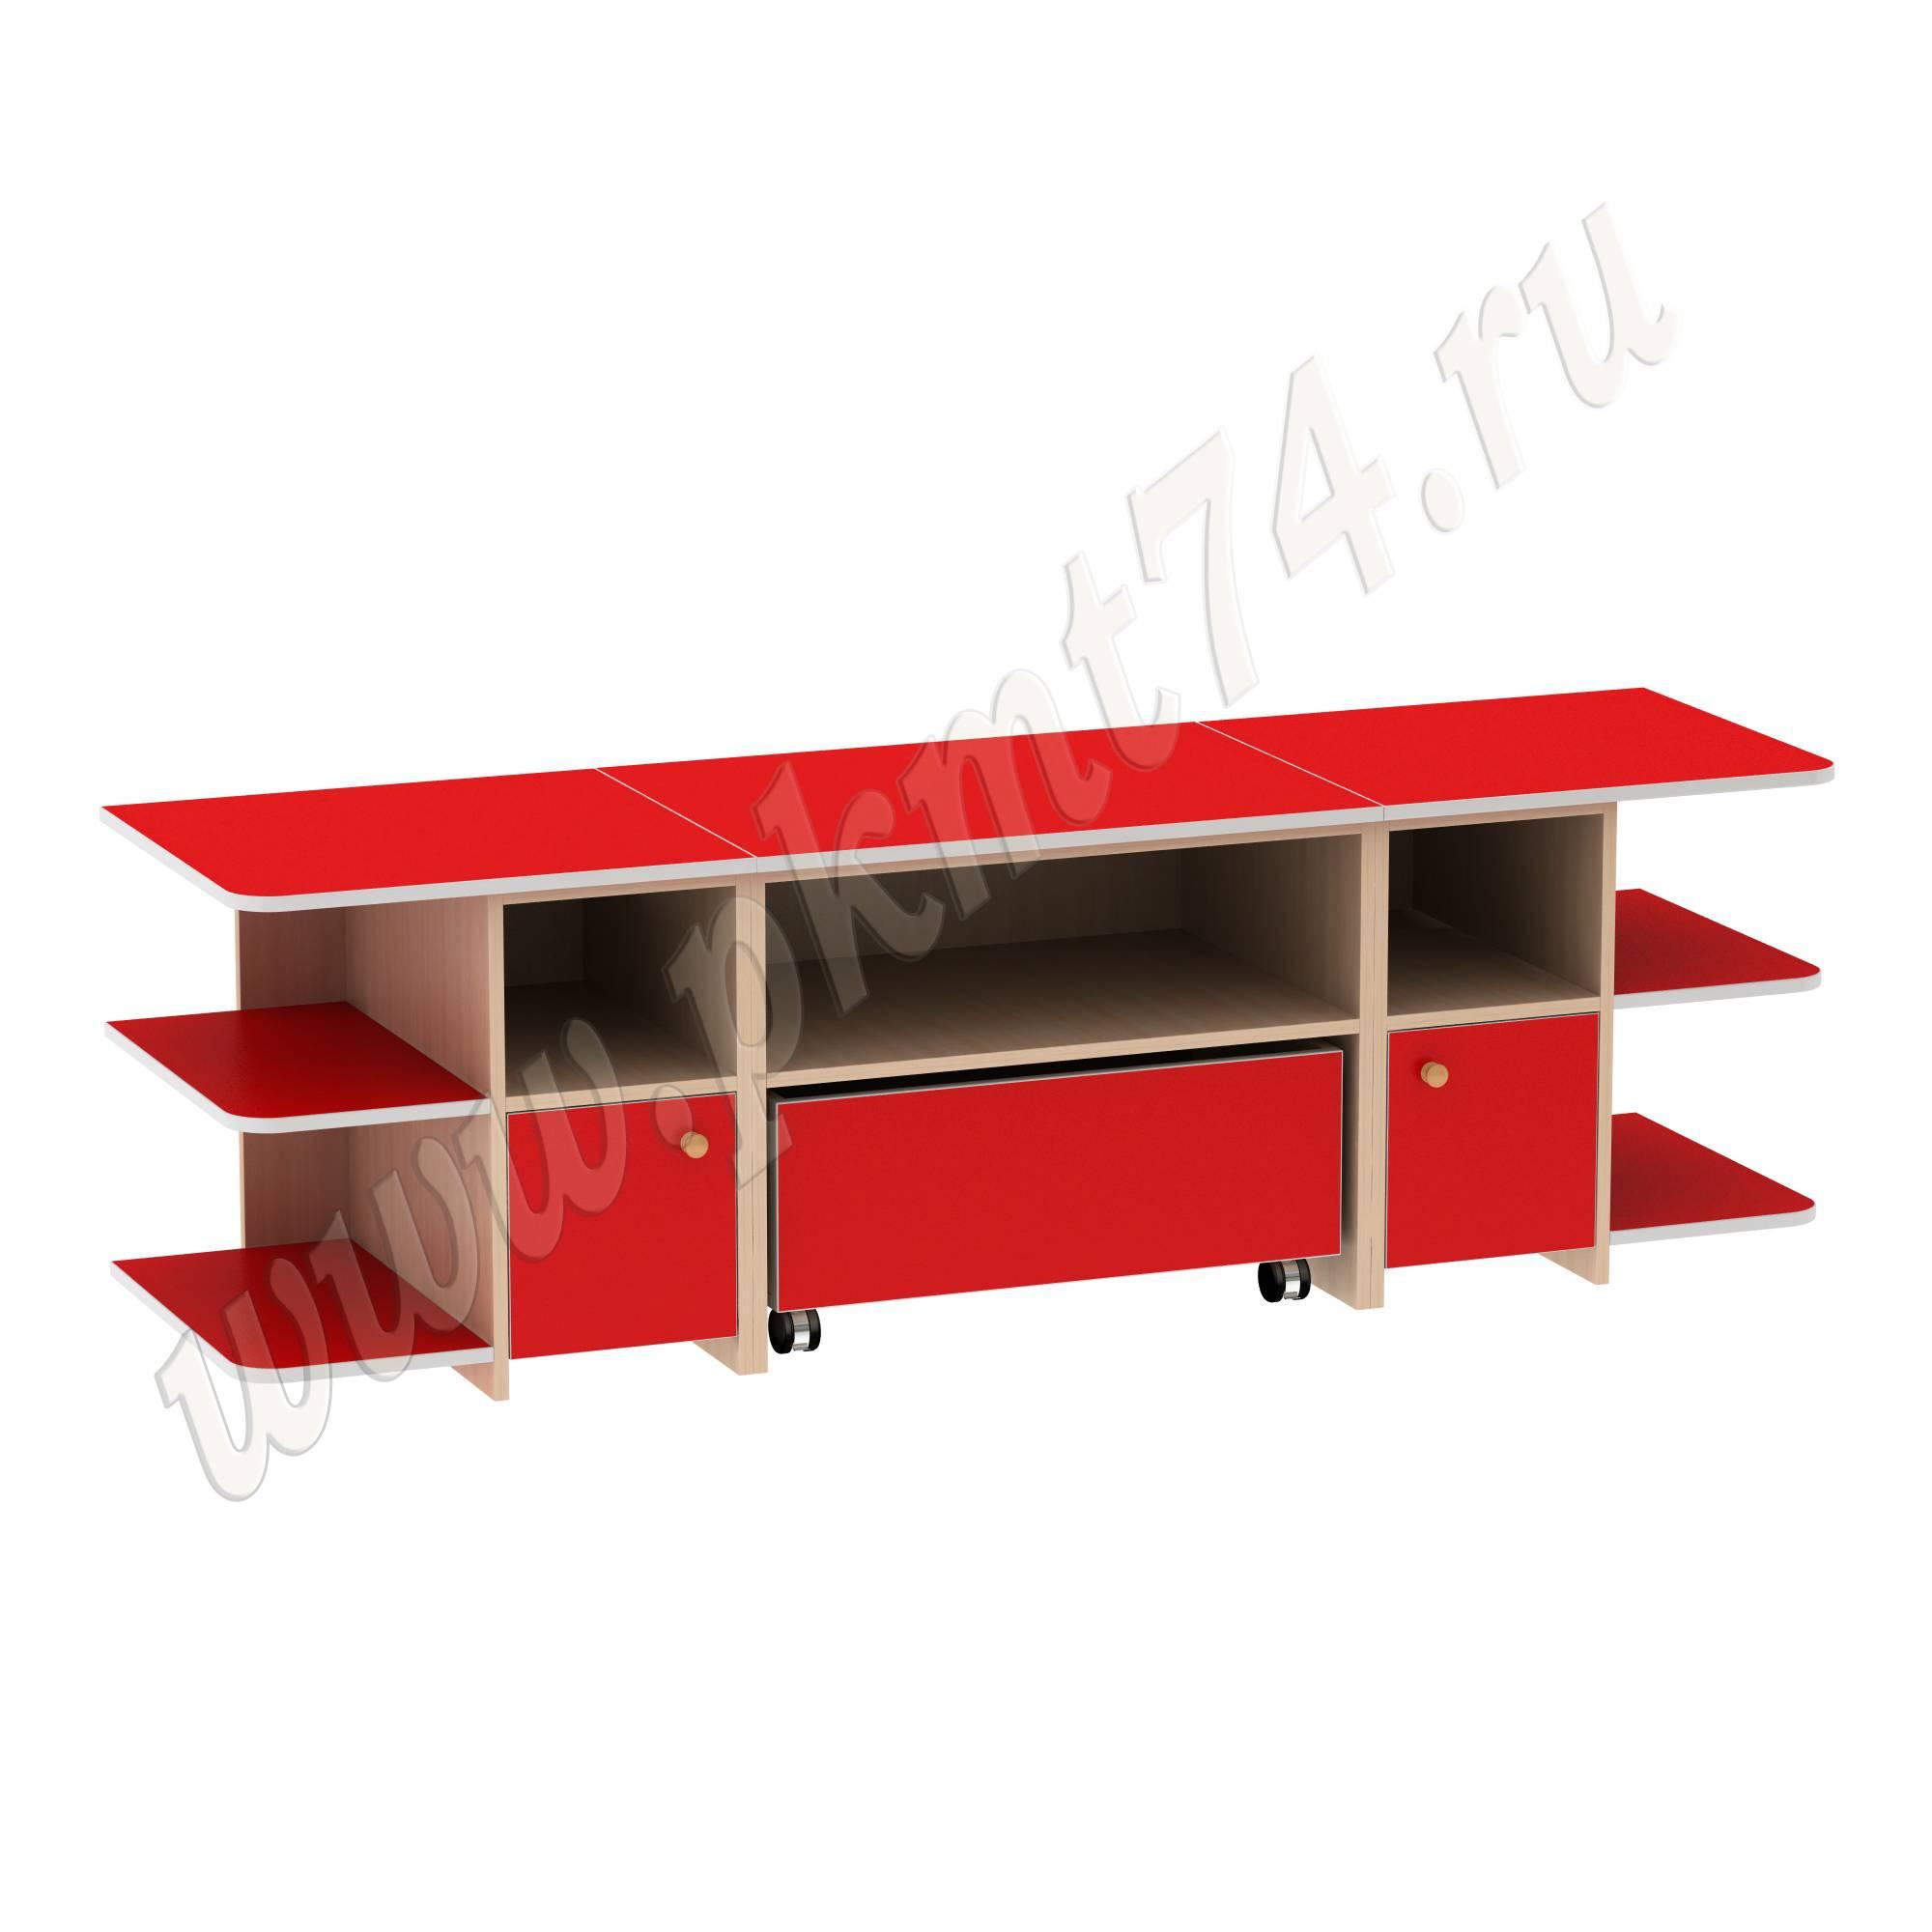 Игровой детский стол с полками для игрушек МТ 17-47 ДубМол+Крас